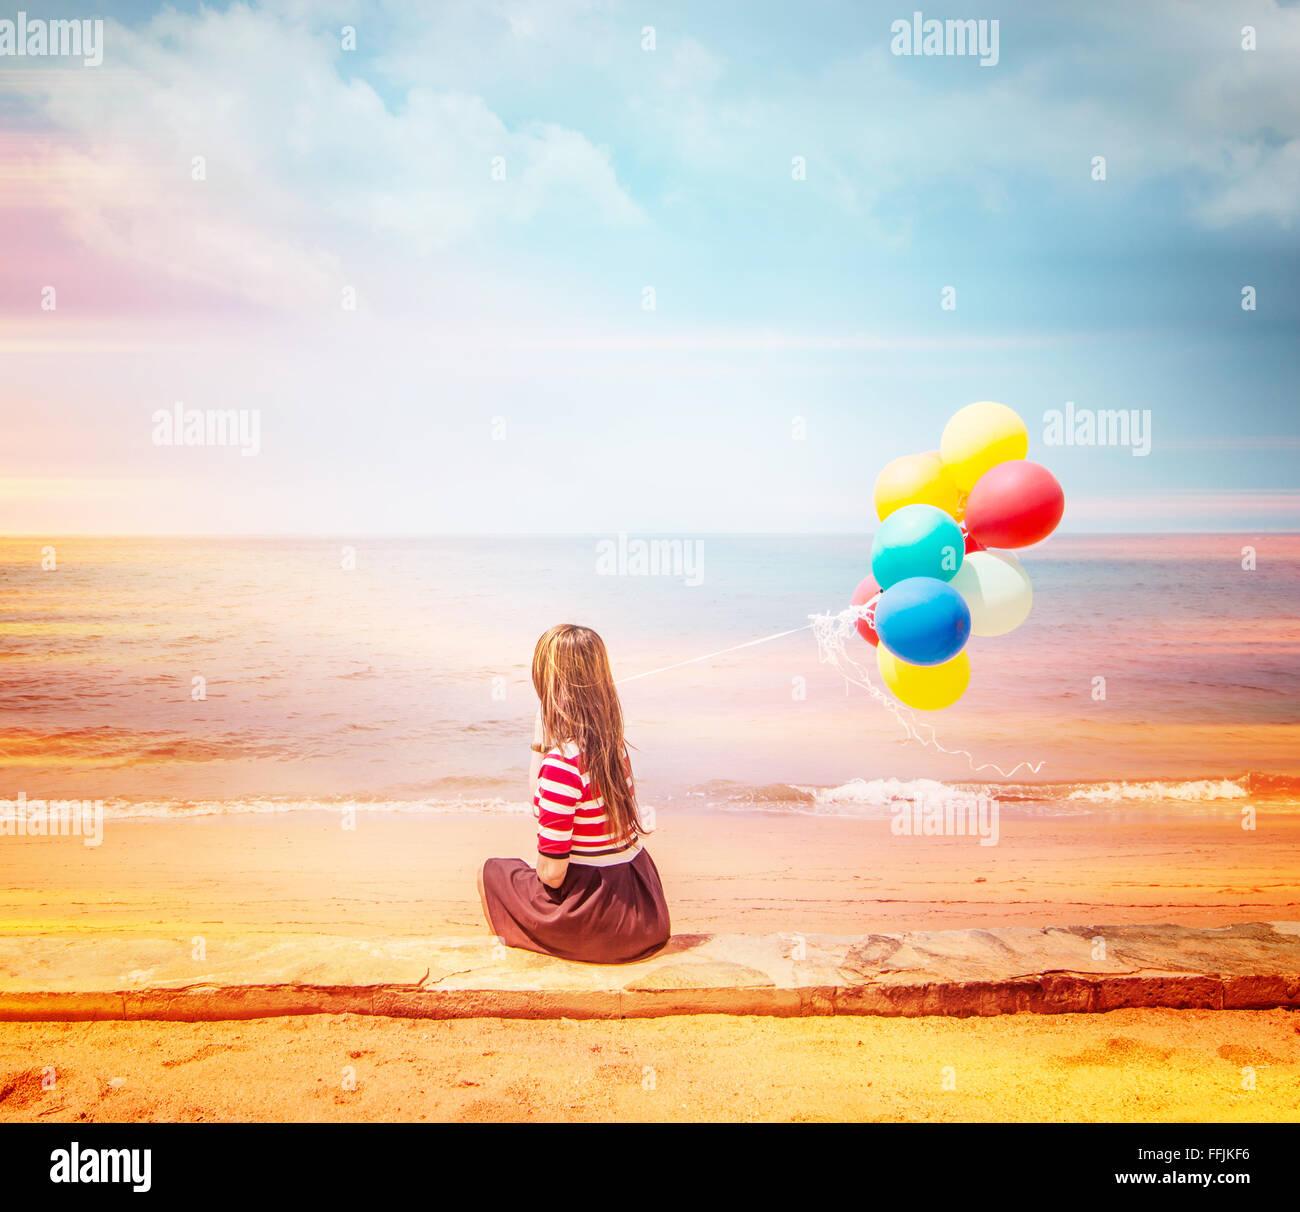 Mujer con globos de colores en la playa,en el estilo de vida al aire libre imágenes filtros Imagen De Stock